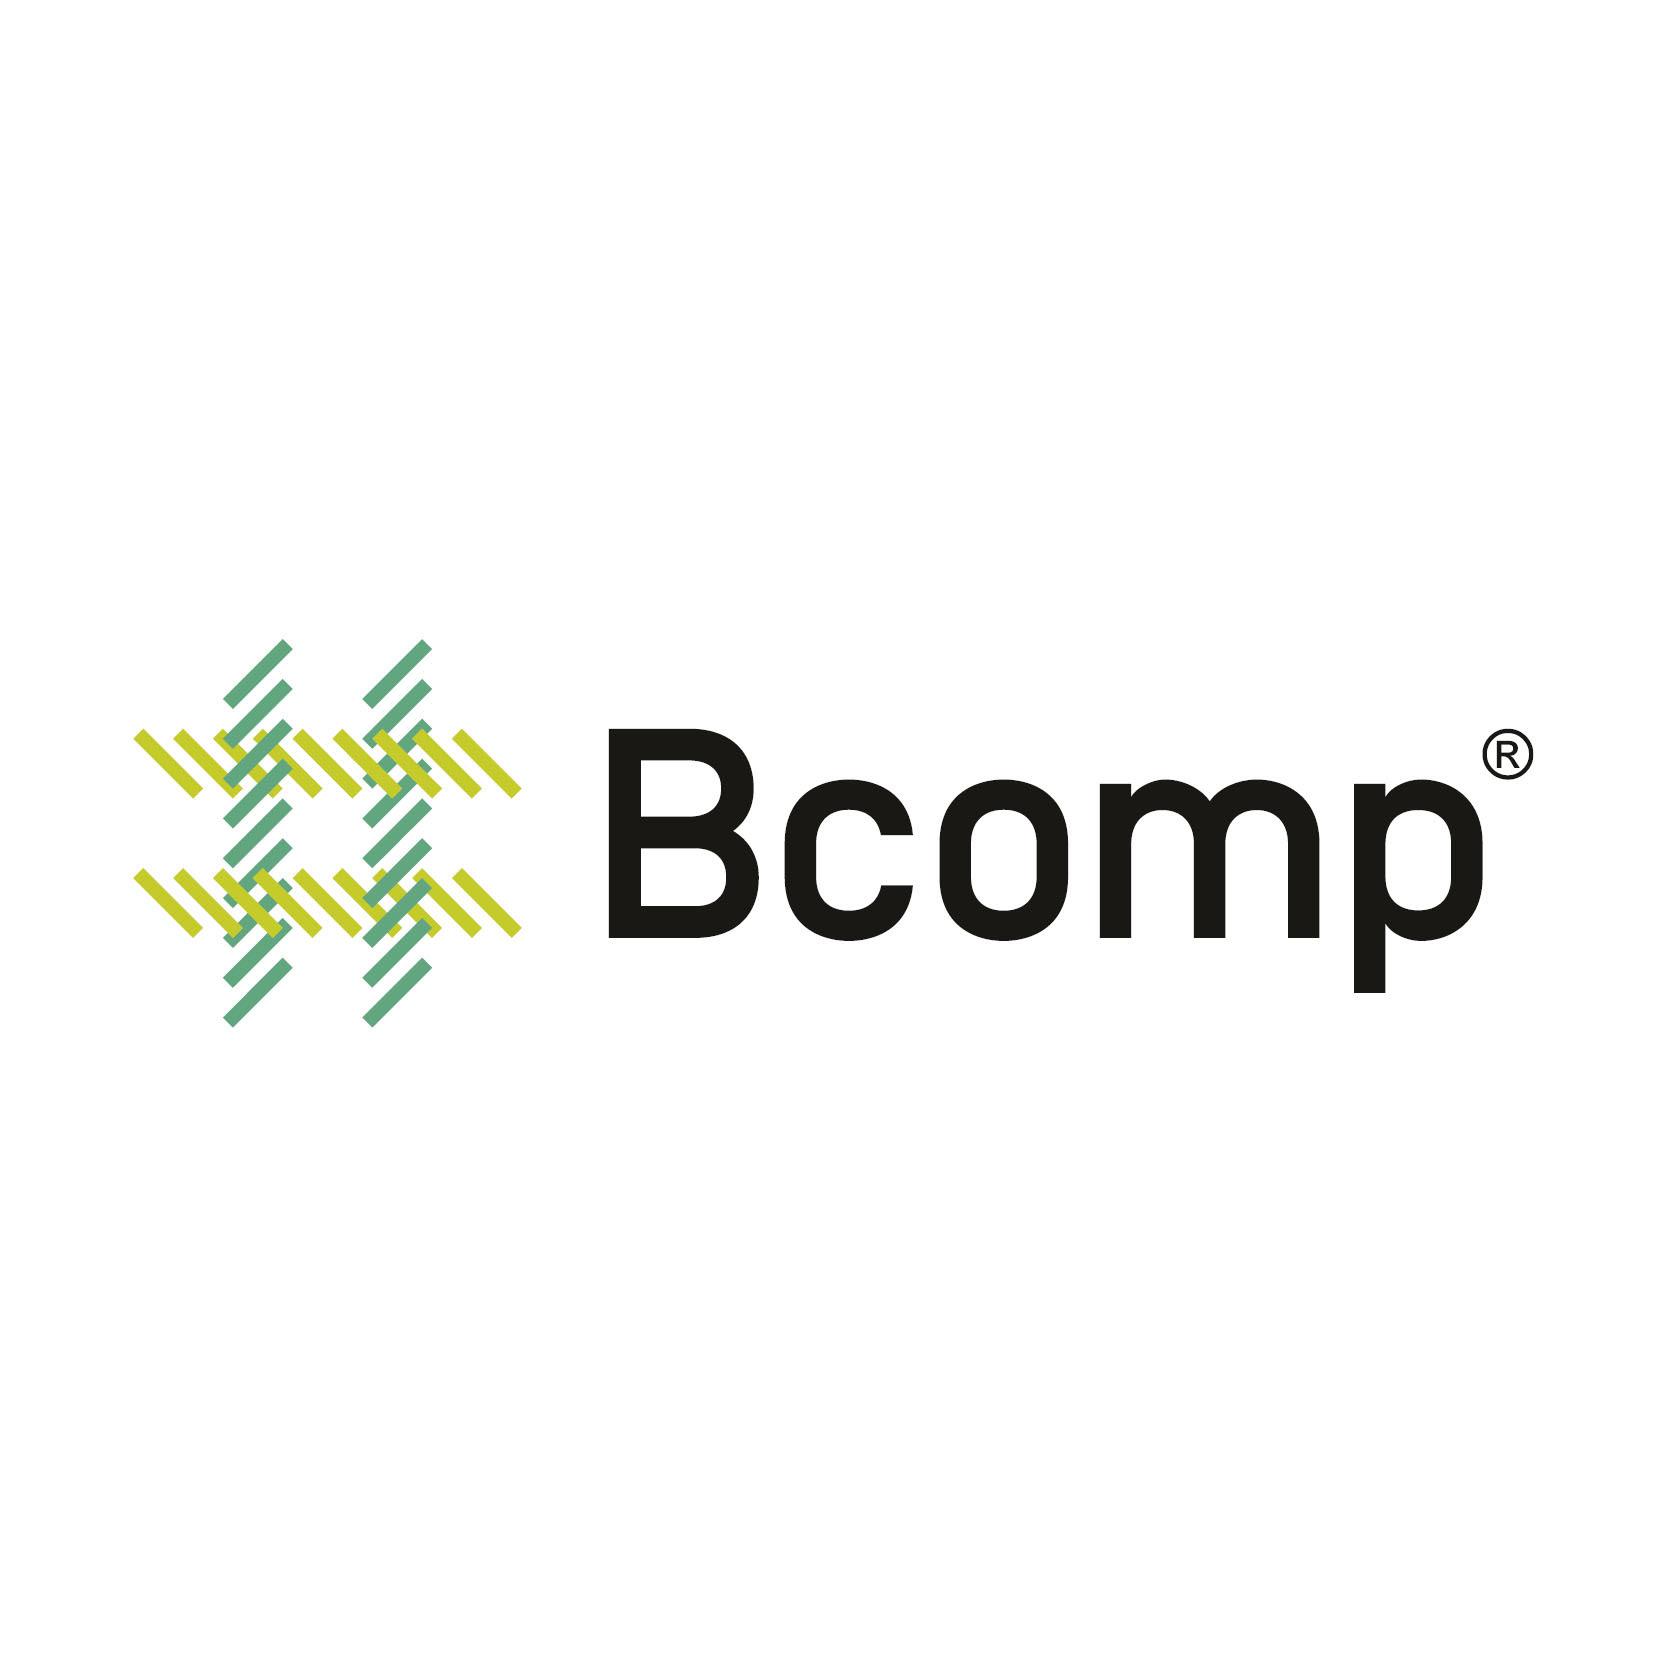 Bcomp